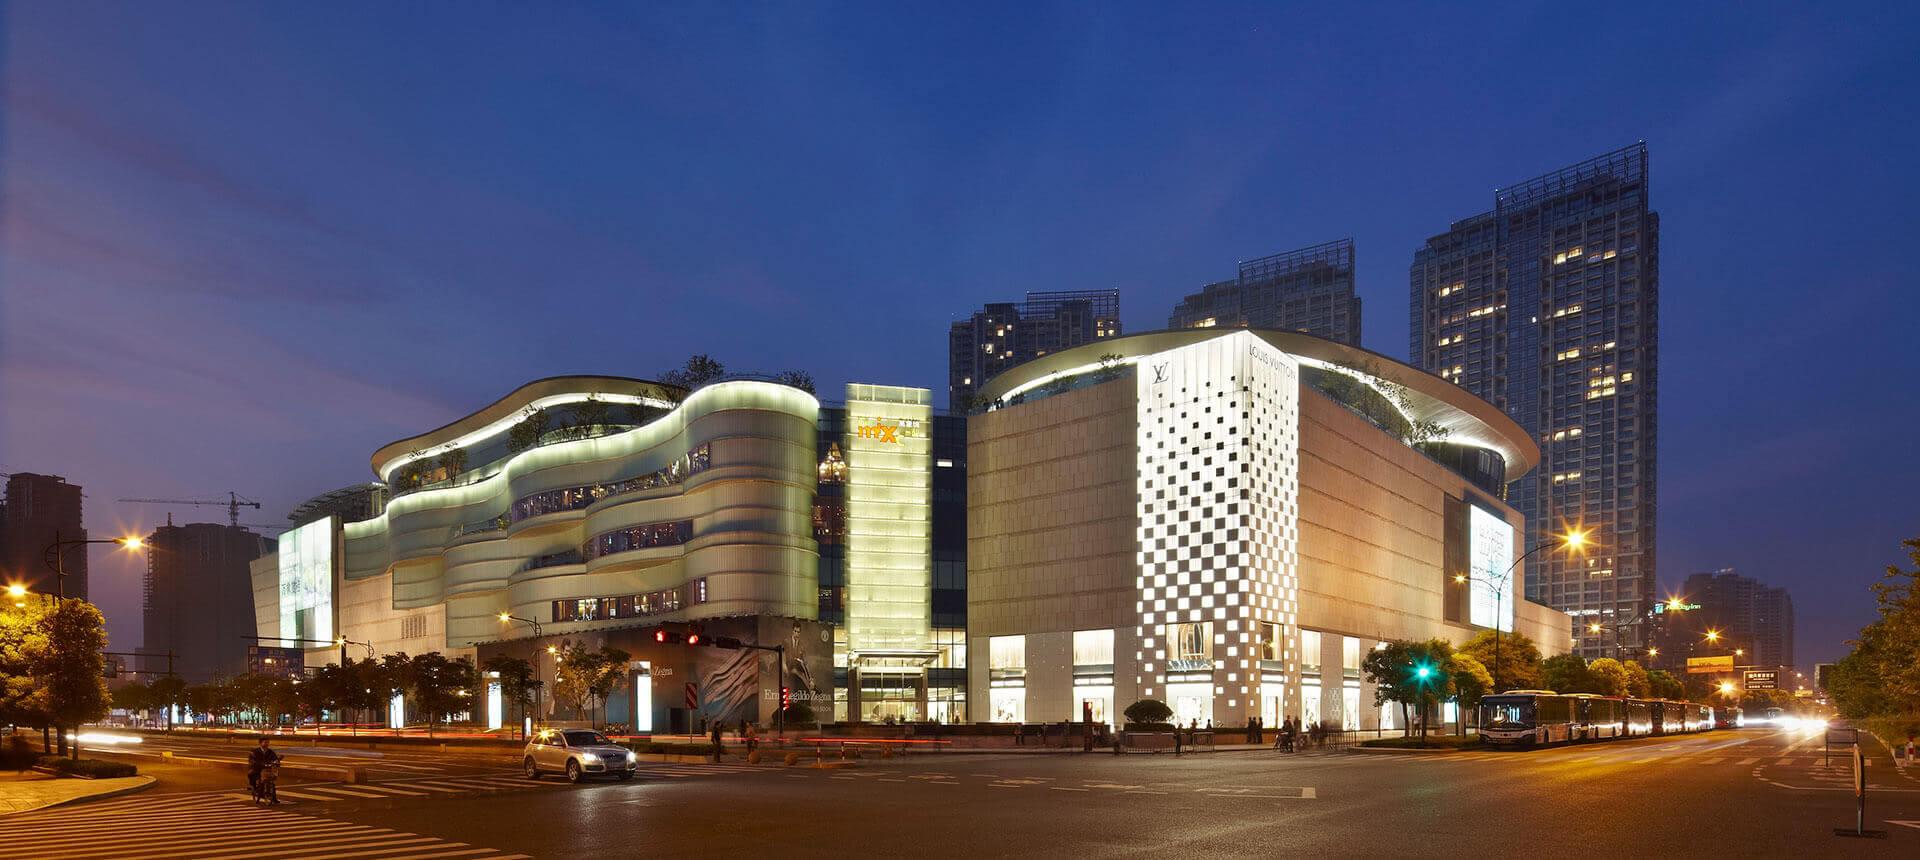 Mixc Hangzhou Callisonrtkl